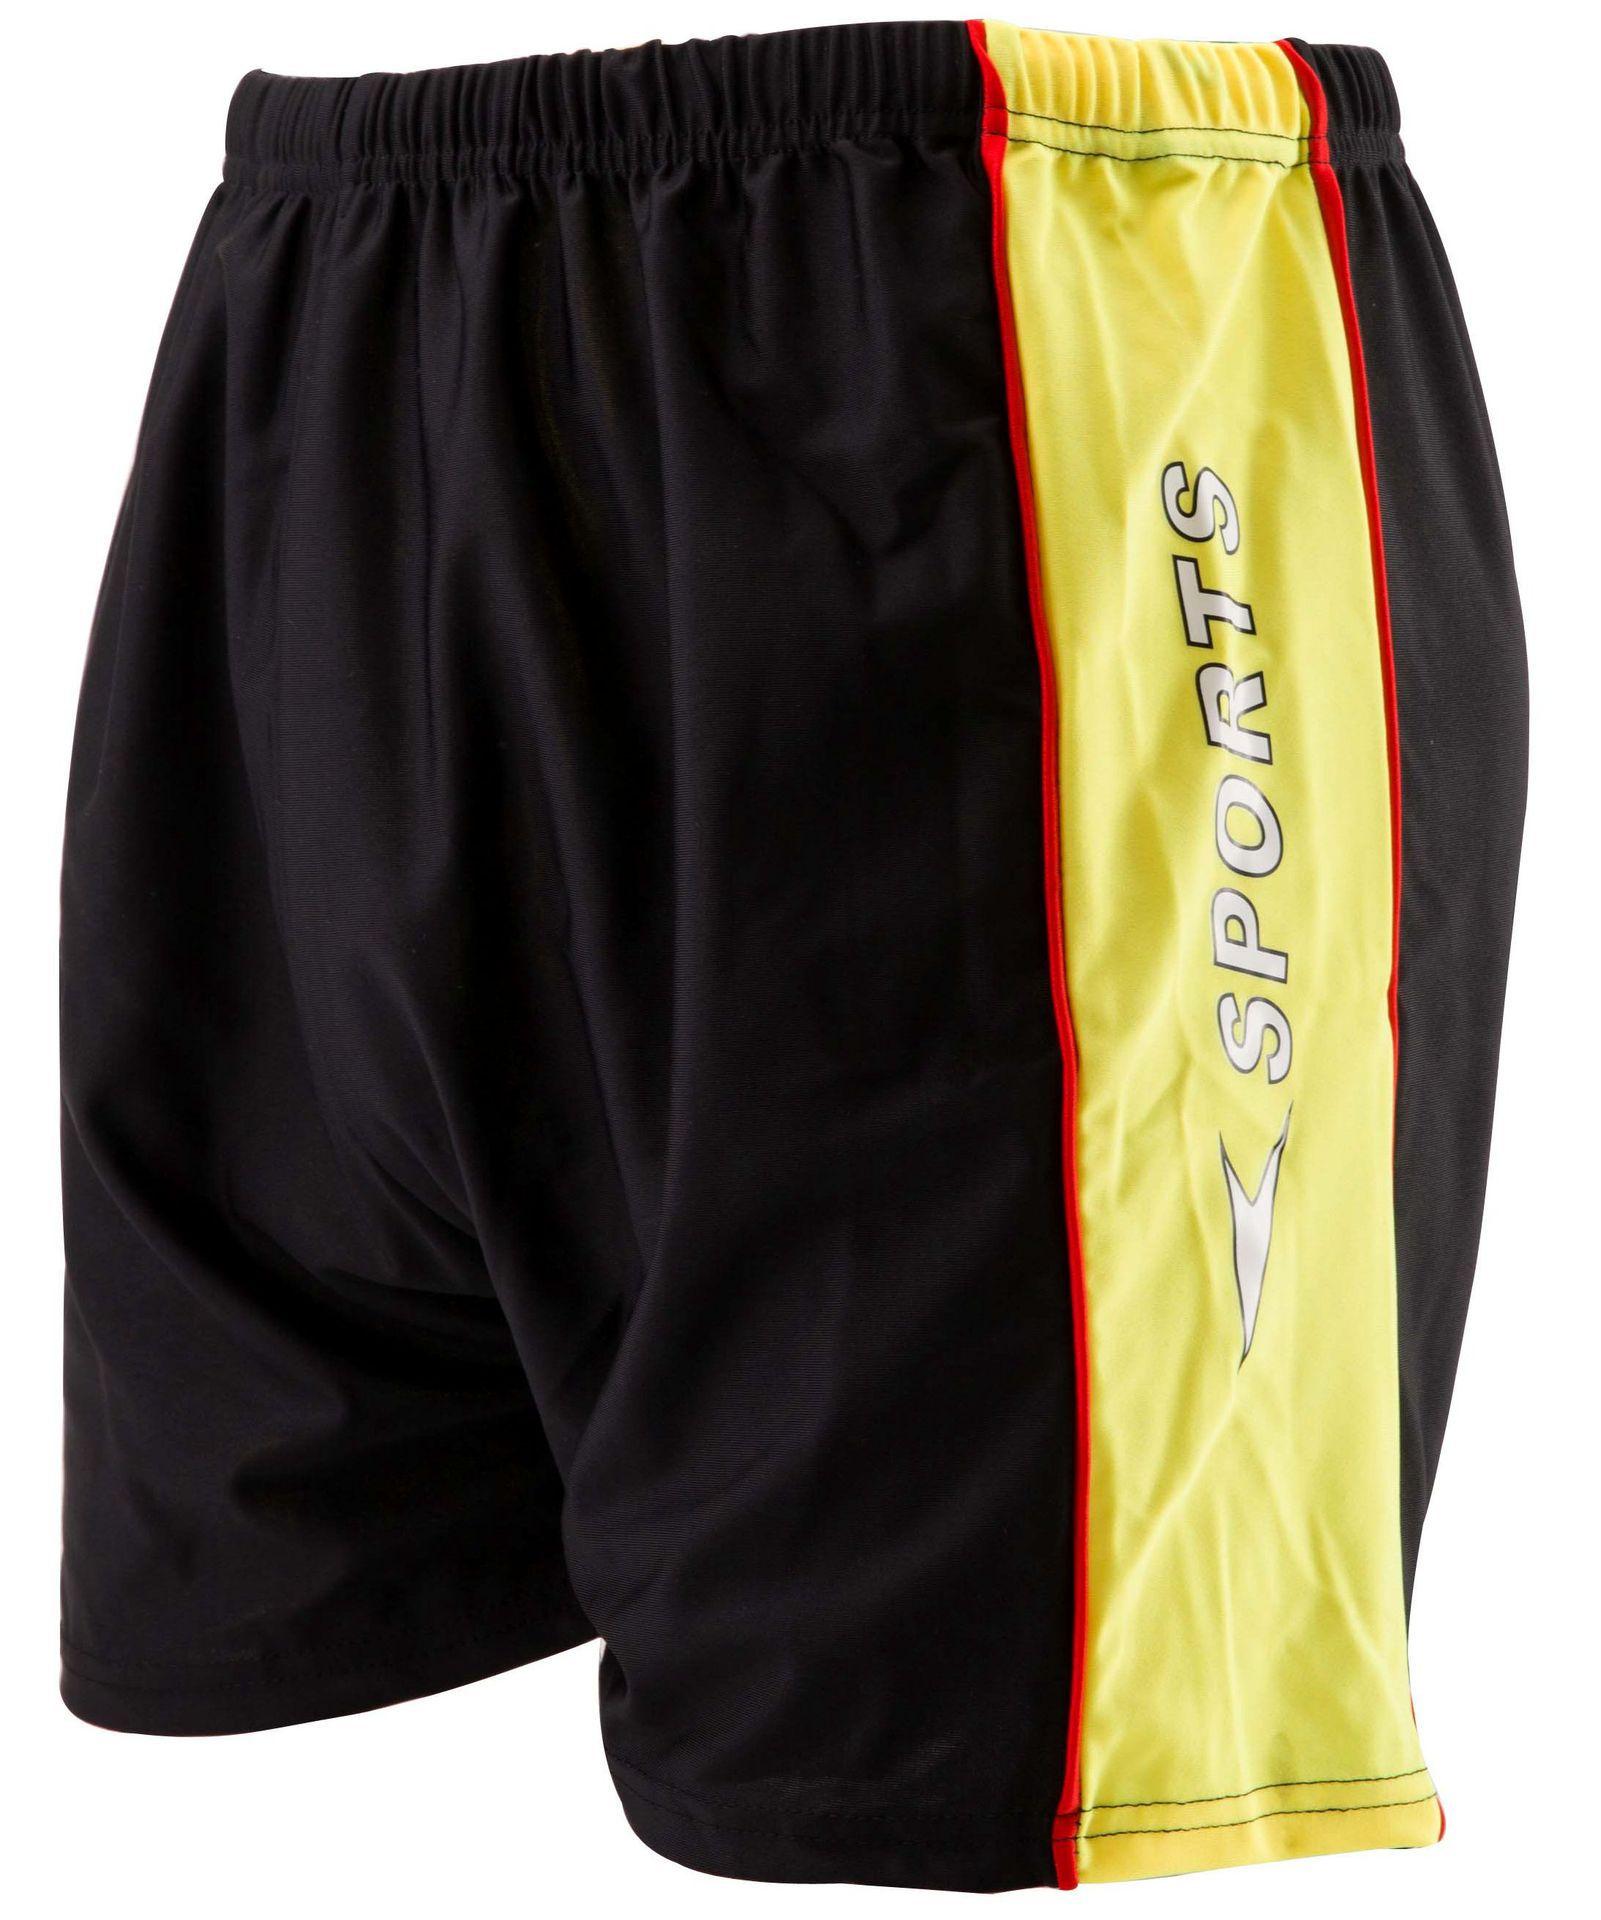 Men's Big Fat Swimming Trunks Lard-bucket Plus-sized MEN'S Swimsuit Beer Belly Super Fat 280 Wearable Hot Springs Large